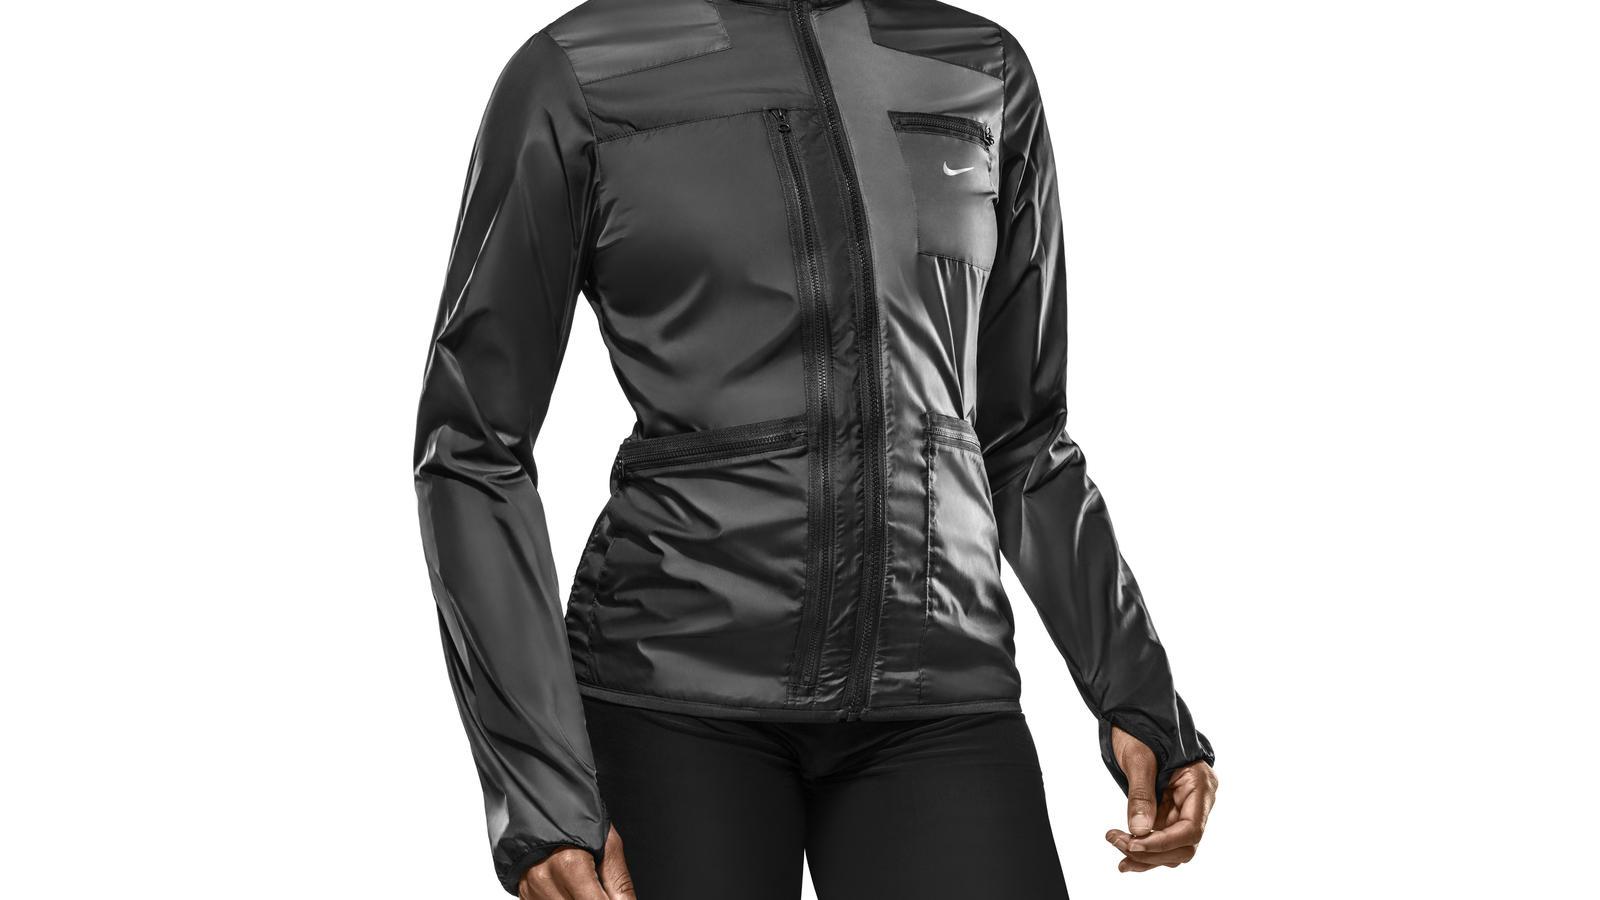 Nike woven jacke damen